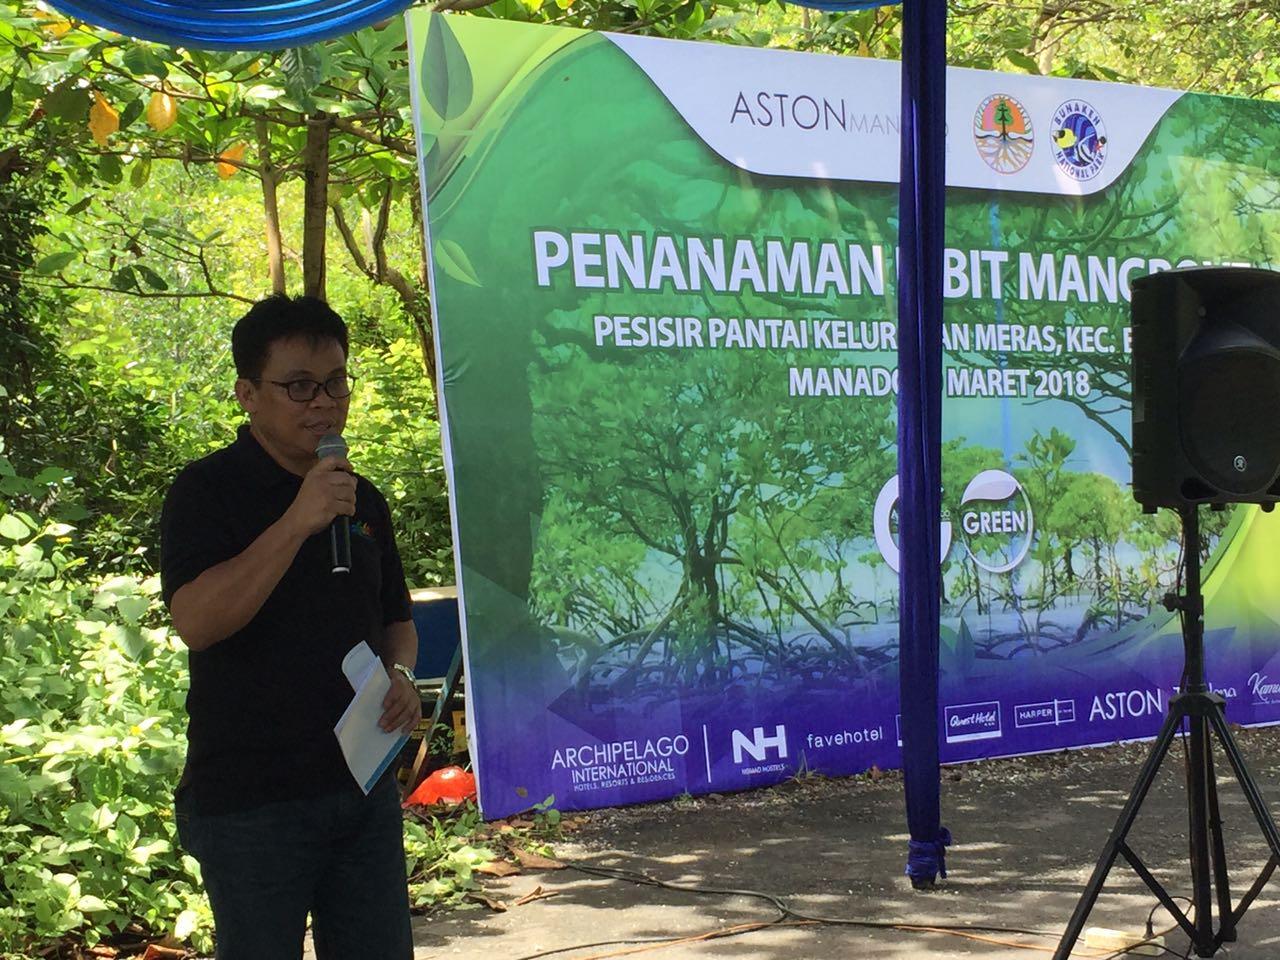 Pemkot Manado Bersama Ashton Hotel Tanam 1000 Pohon Bakau